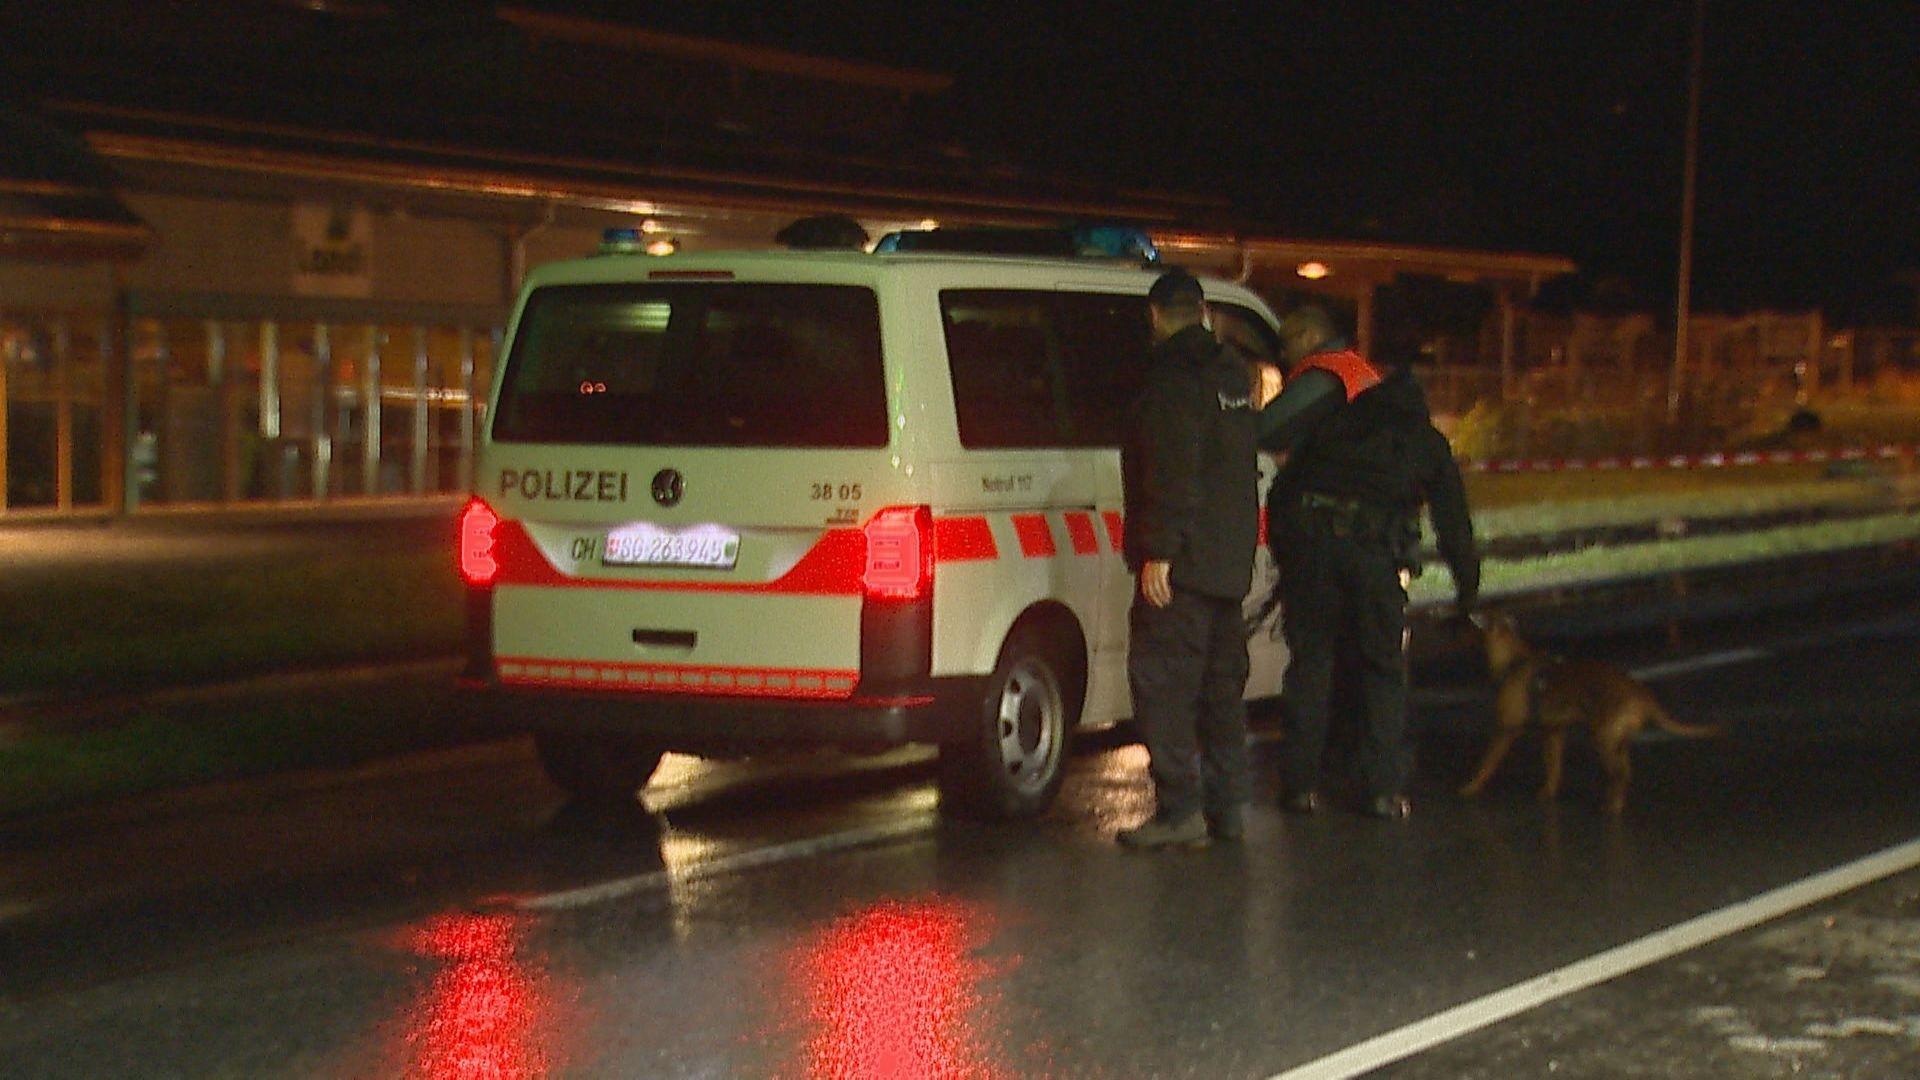 Mann geht mit Axt auf Passanten los, mehrere Verletzte